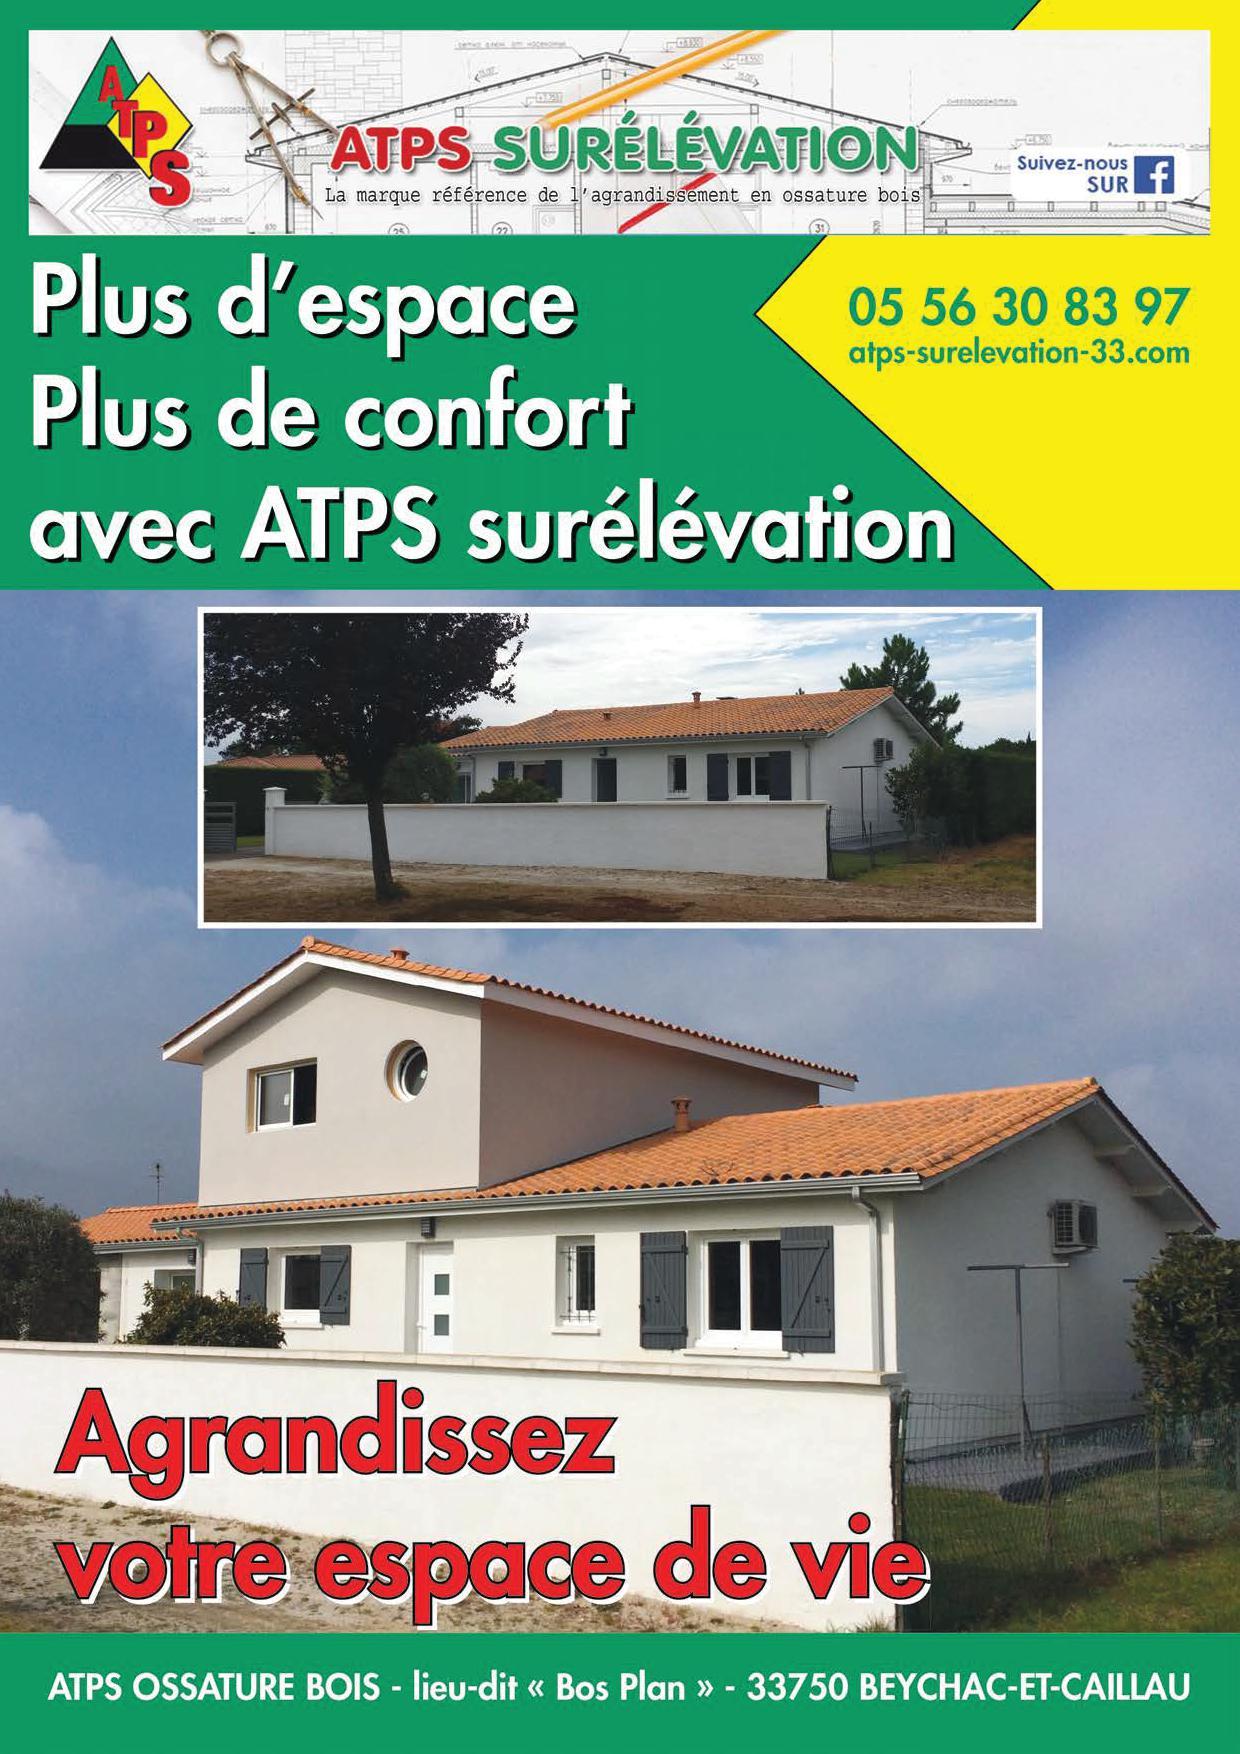 Agrandissement de maison Charente-Maritime